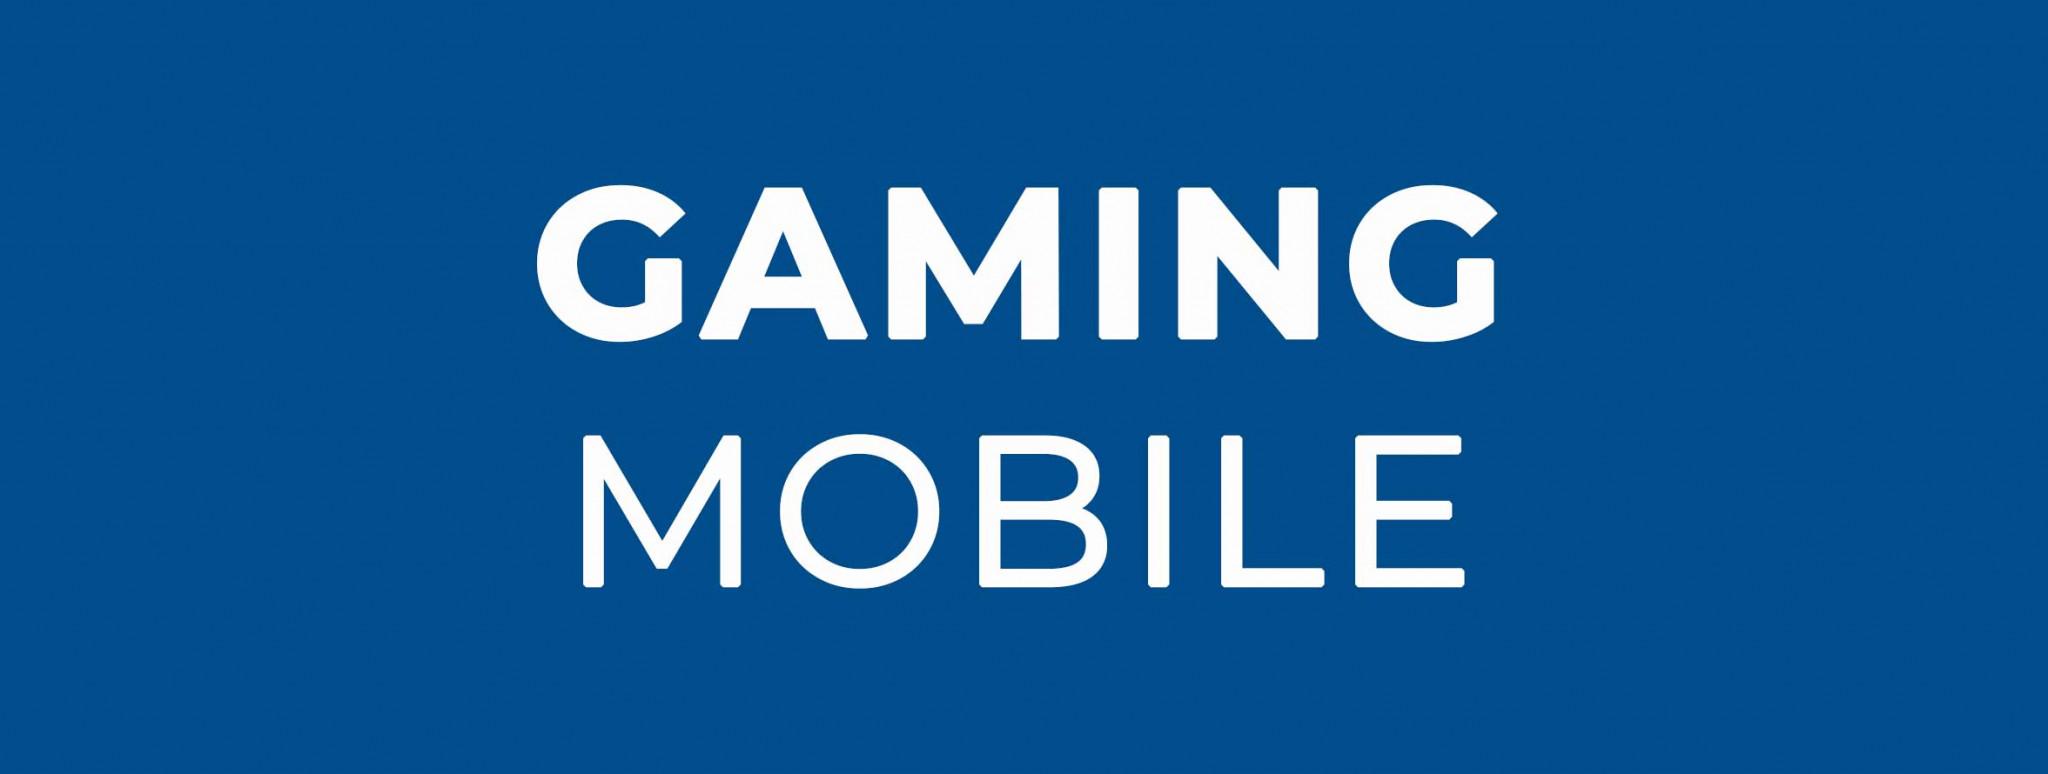 Gaming Mobile